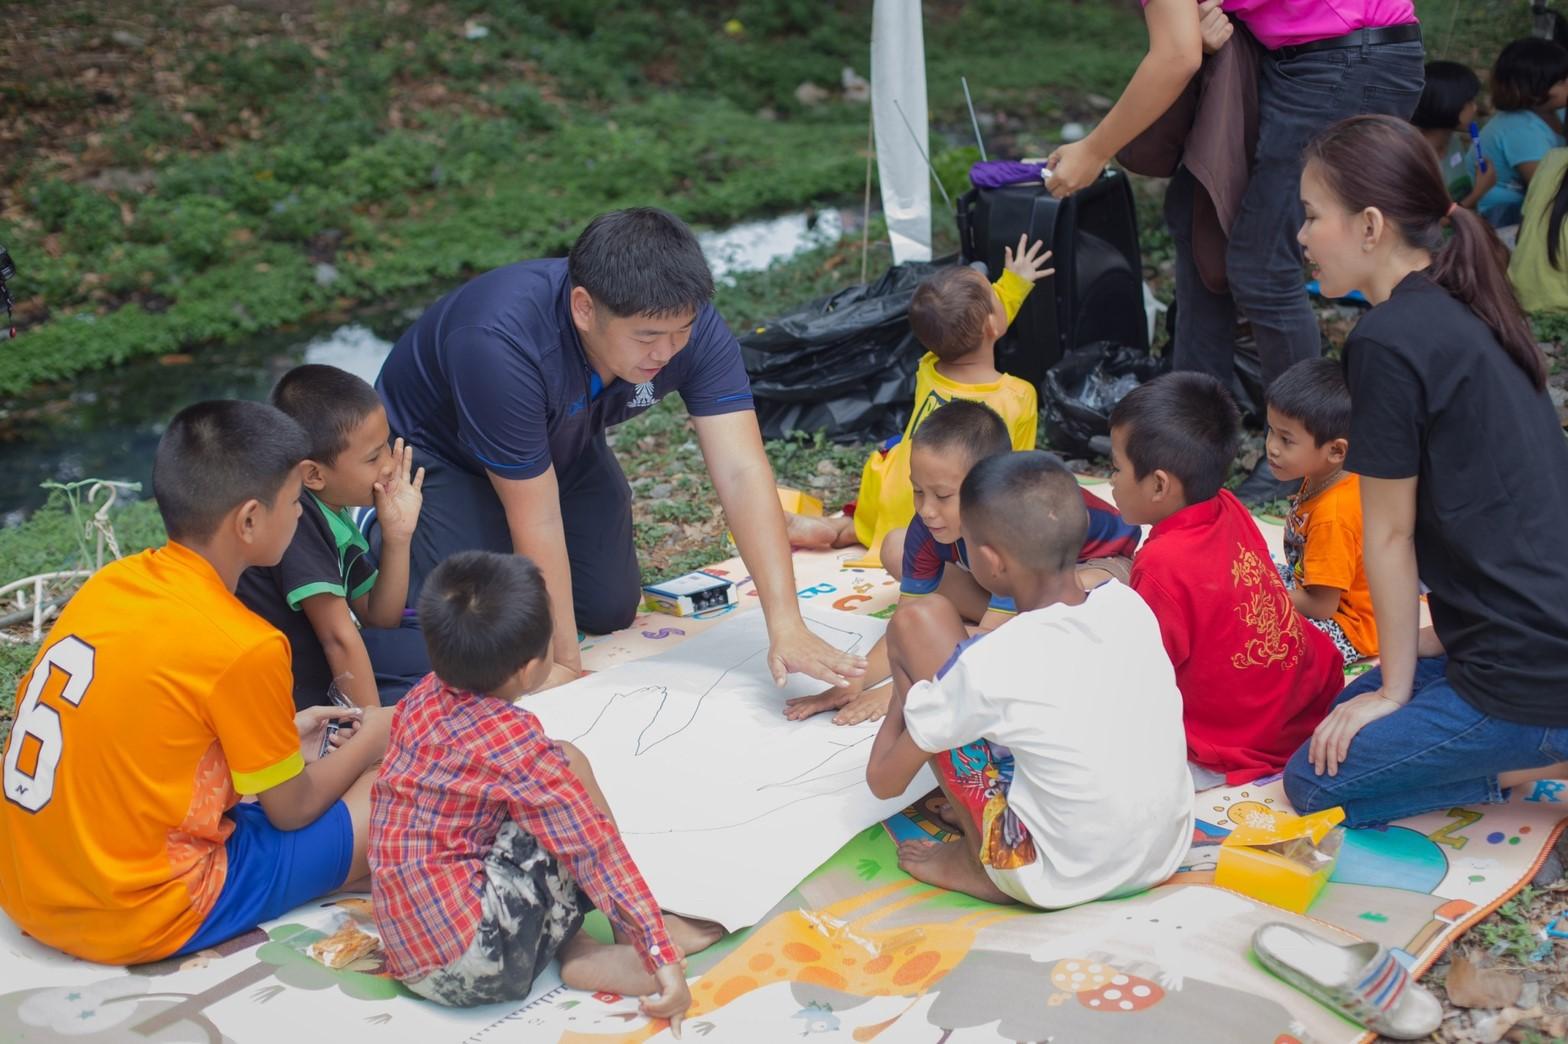 6 หน่วยงานจับมือช่วยเด็กชุมชนริมทางรถไฟเข้าสู่ระบบการศึกษา